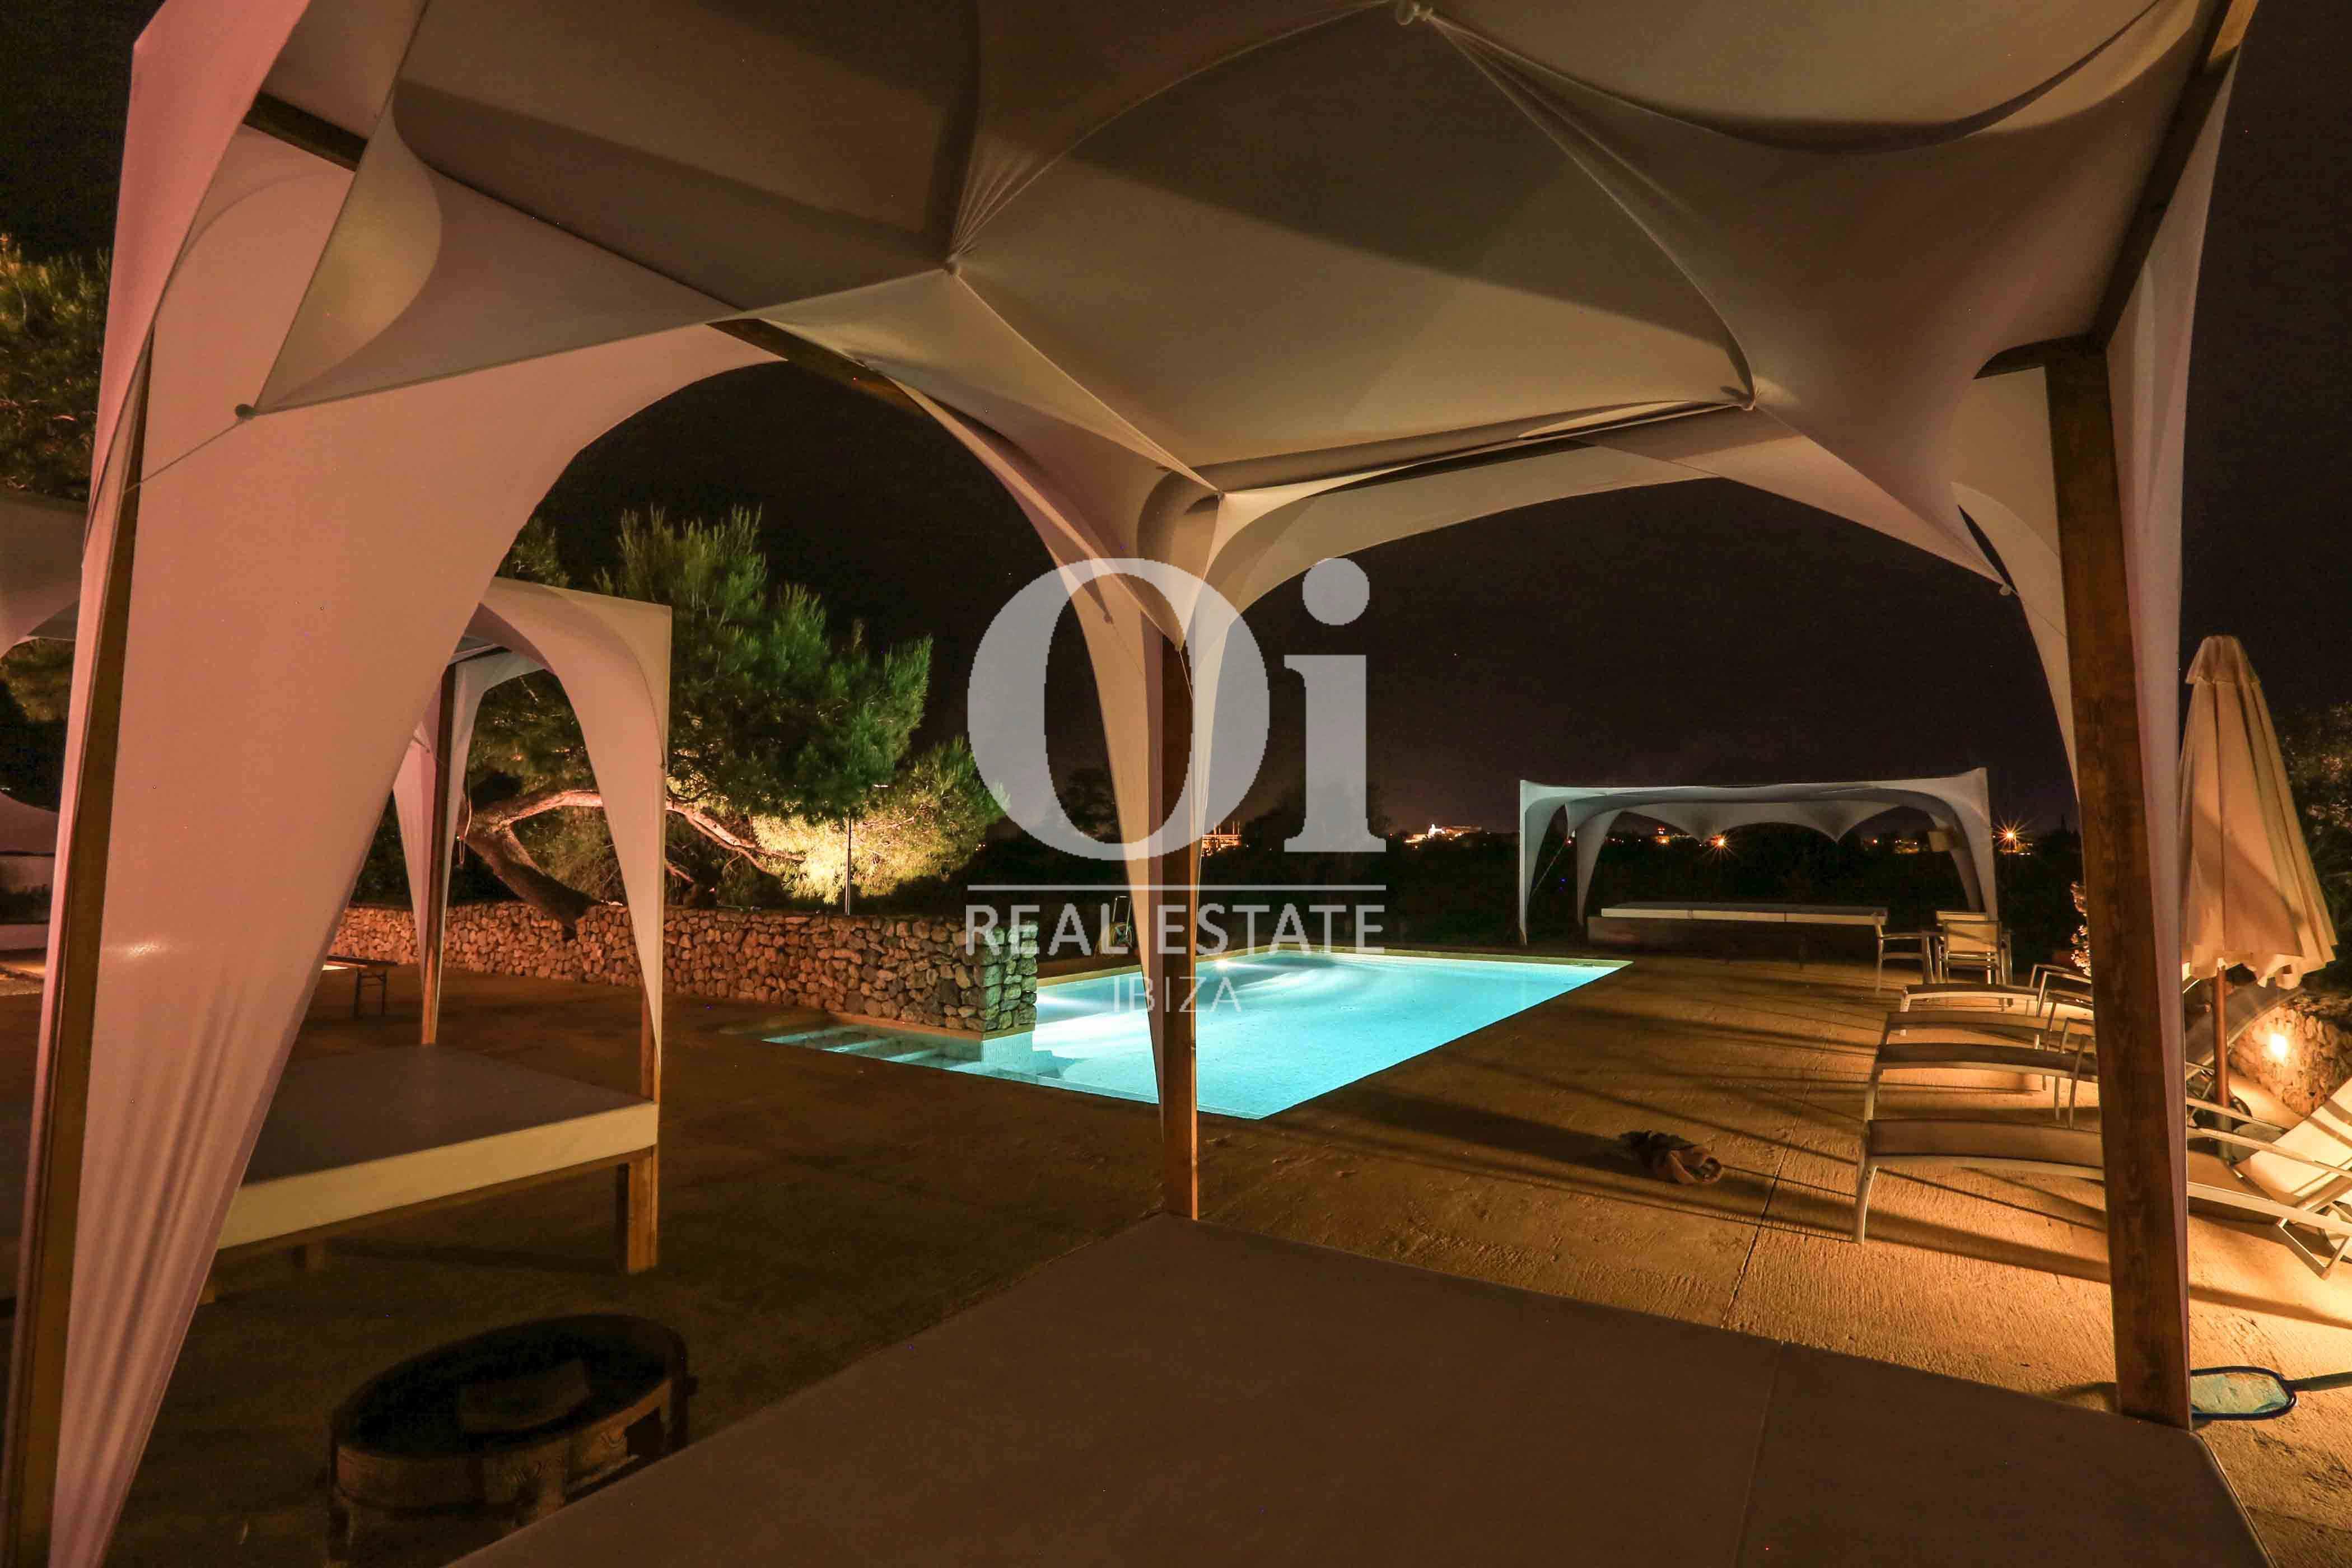 Zona chillout y piscina de casa de alquiler de estancia en Puig d'en Valls, Ibiza